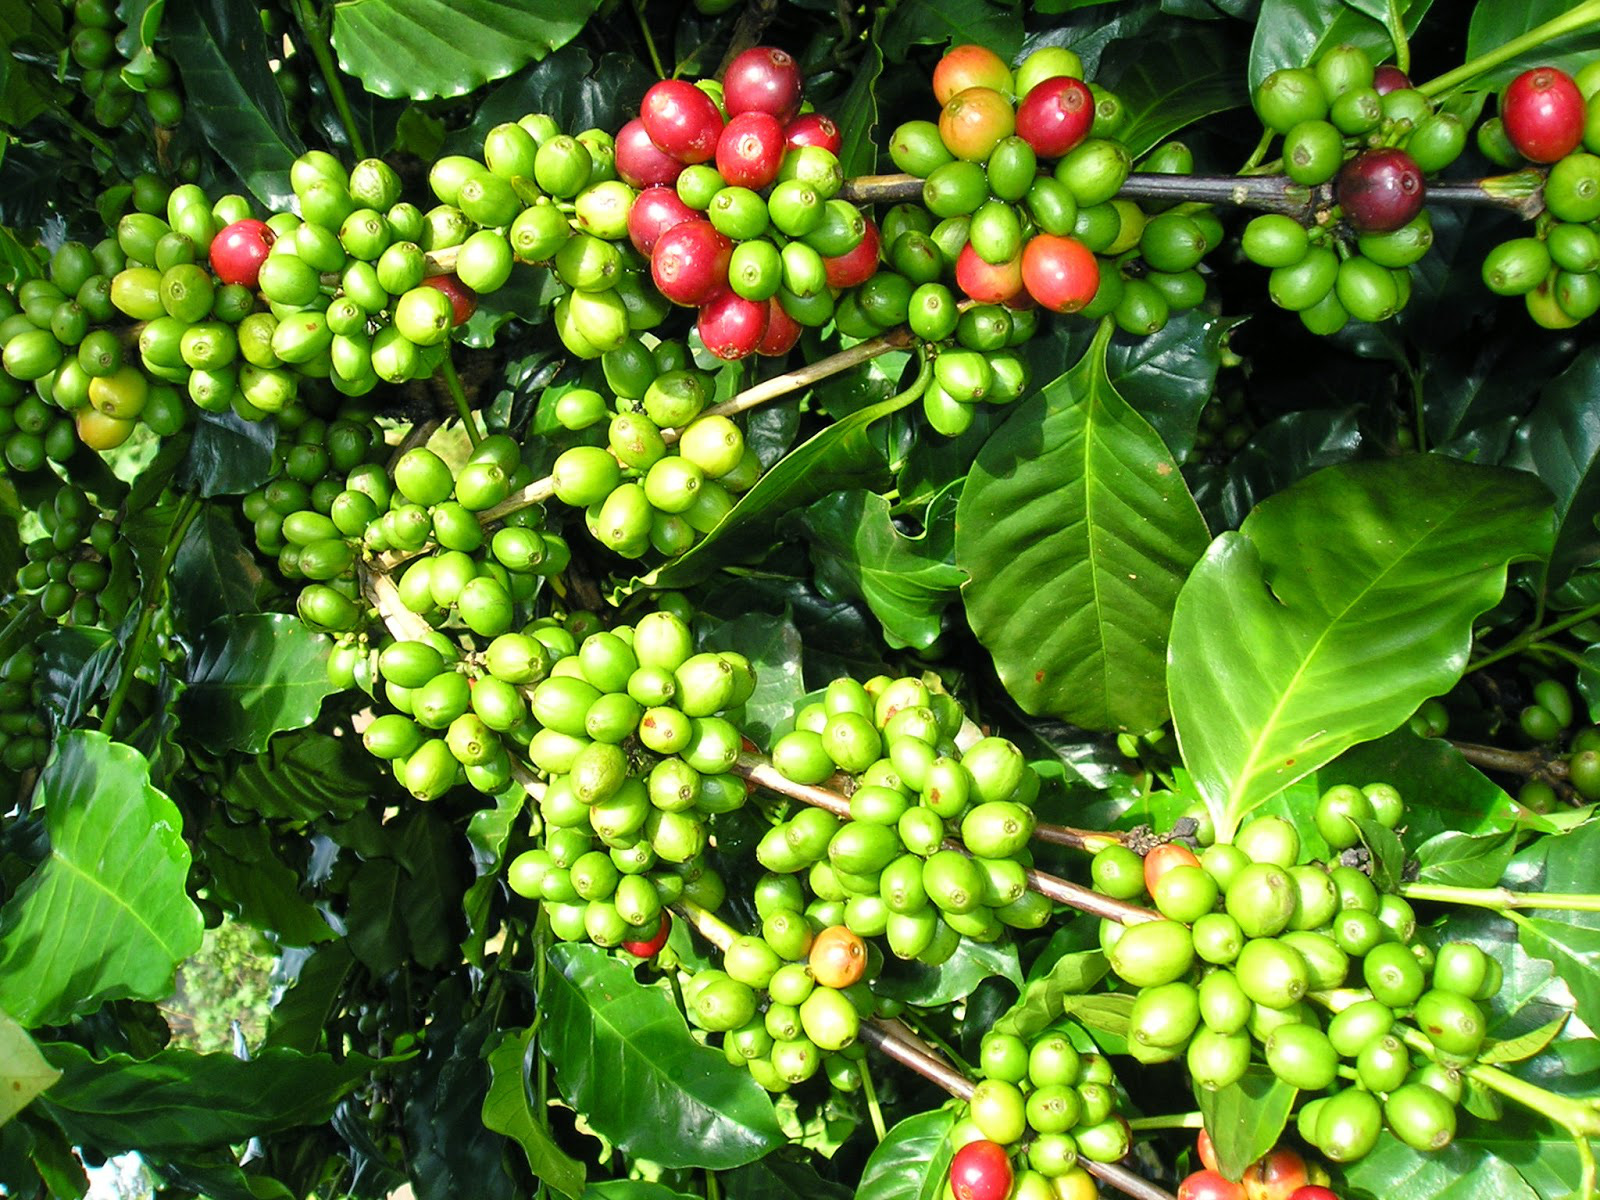 Giá nông sản hôm nay 4/5: Giá tiêu trong nước đi ngang, cà phê Arabica giảm nhẹ - Ảnh 1.